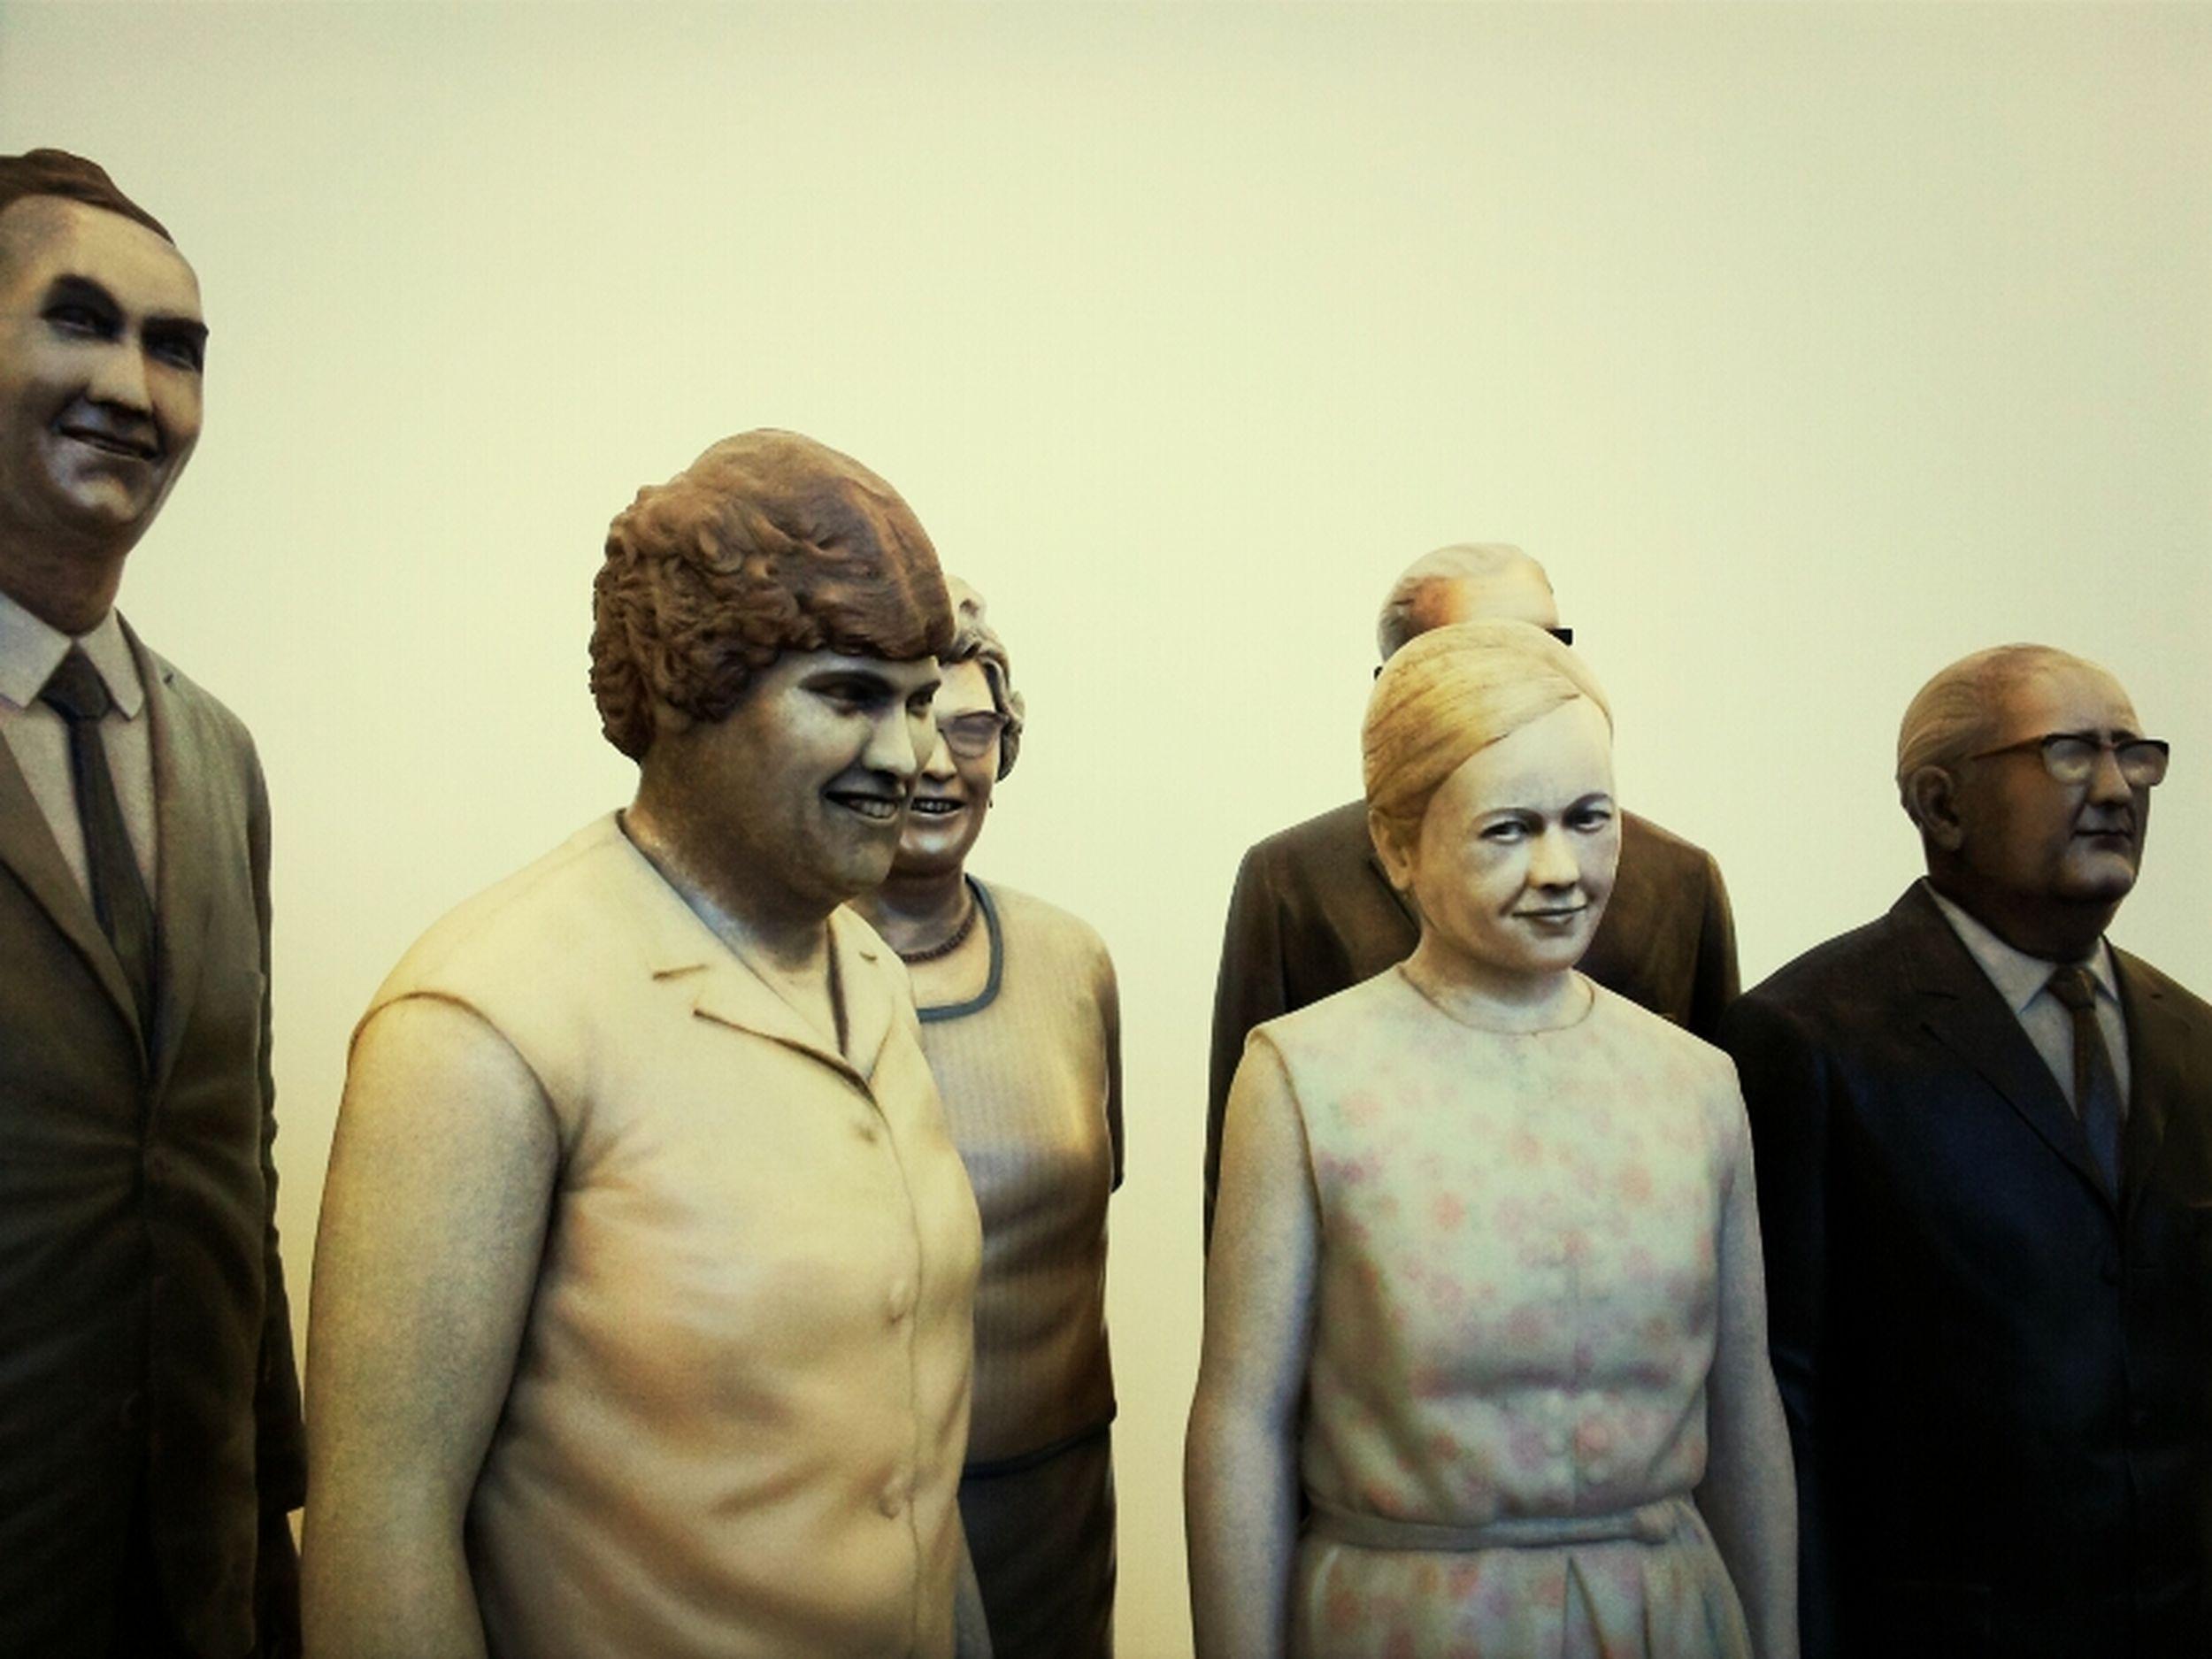 Museum Der Gegenwart